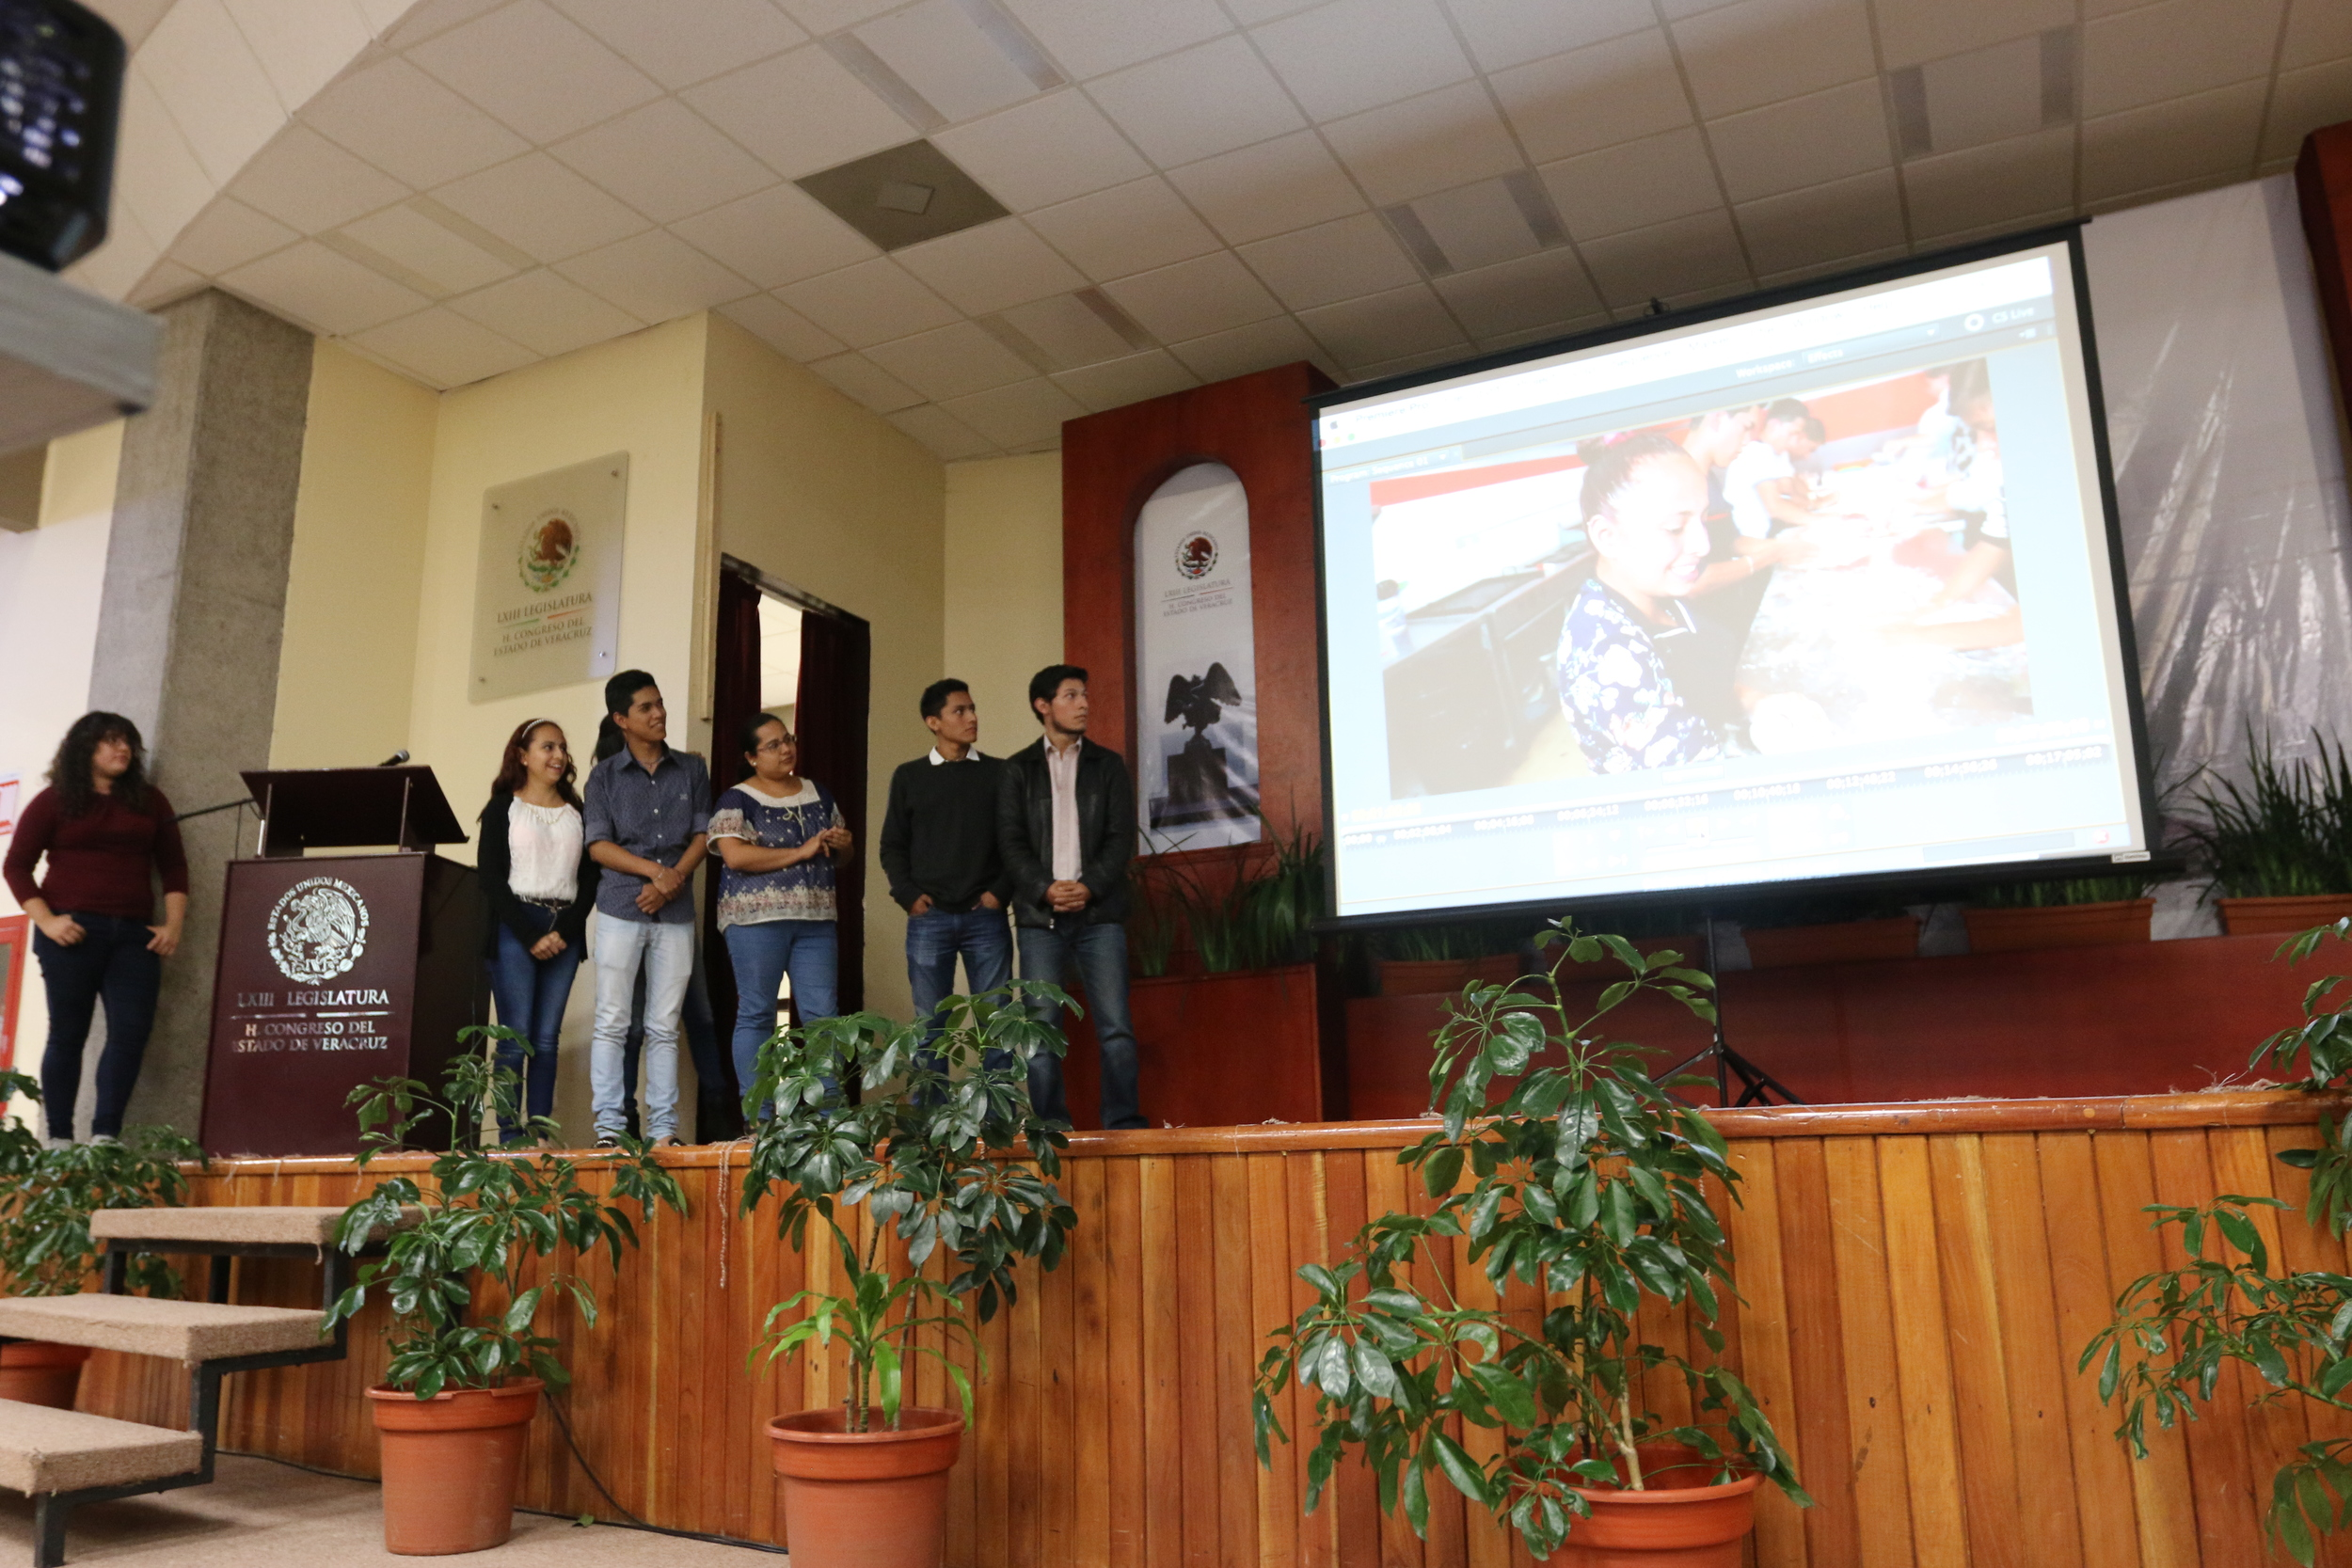 'Descubriendo la Ciencia en la Cocina' project with high school and college students in Xalapa, Mexico.